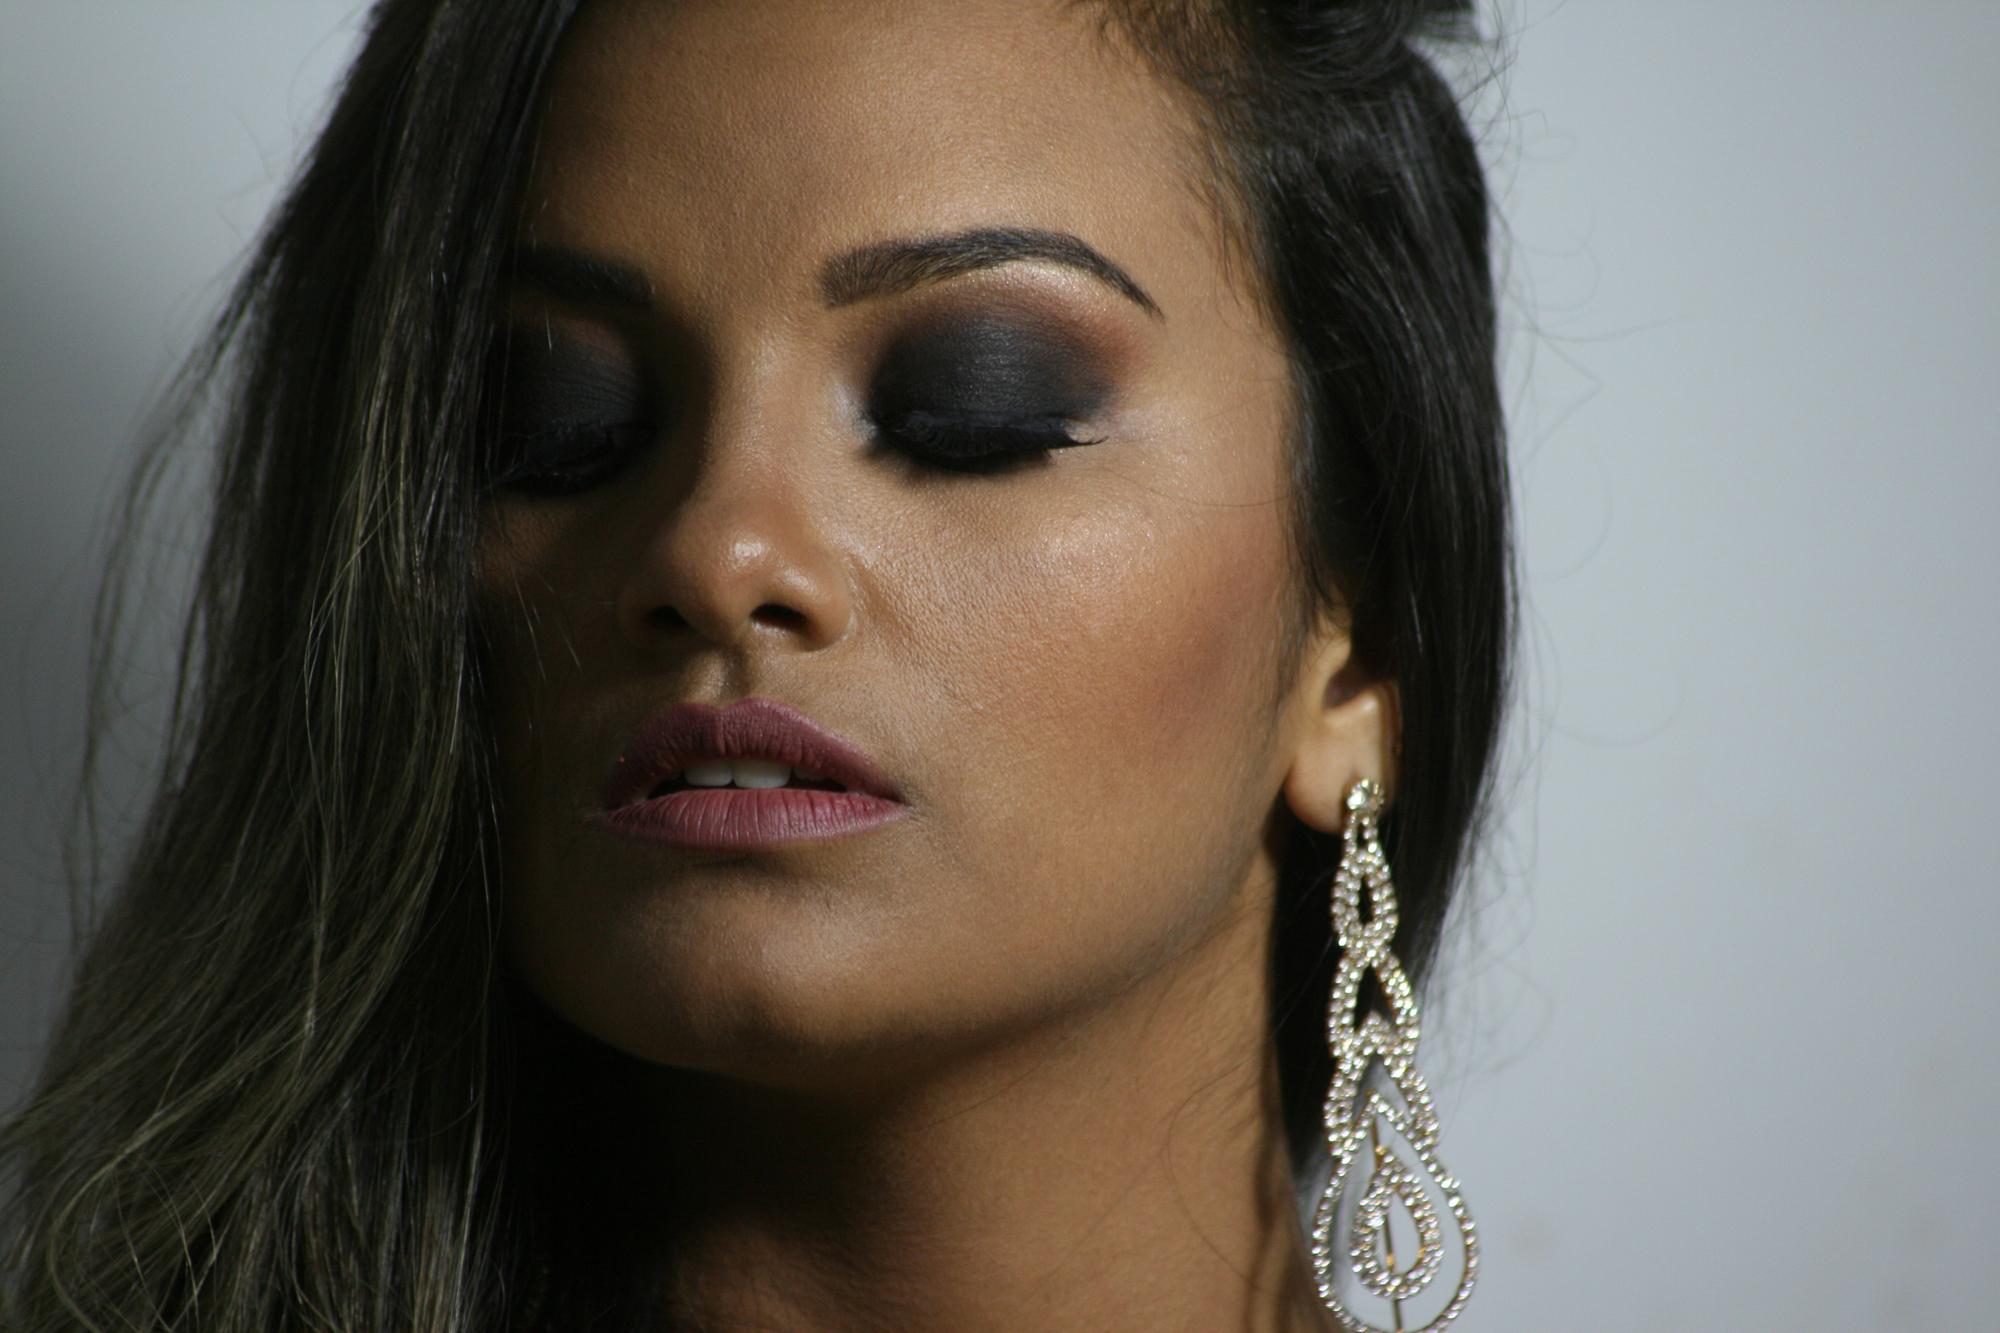 Minha modelo usado o famoso olhão total black  maquiagem maquiador(a)